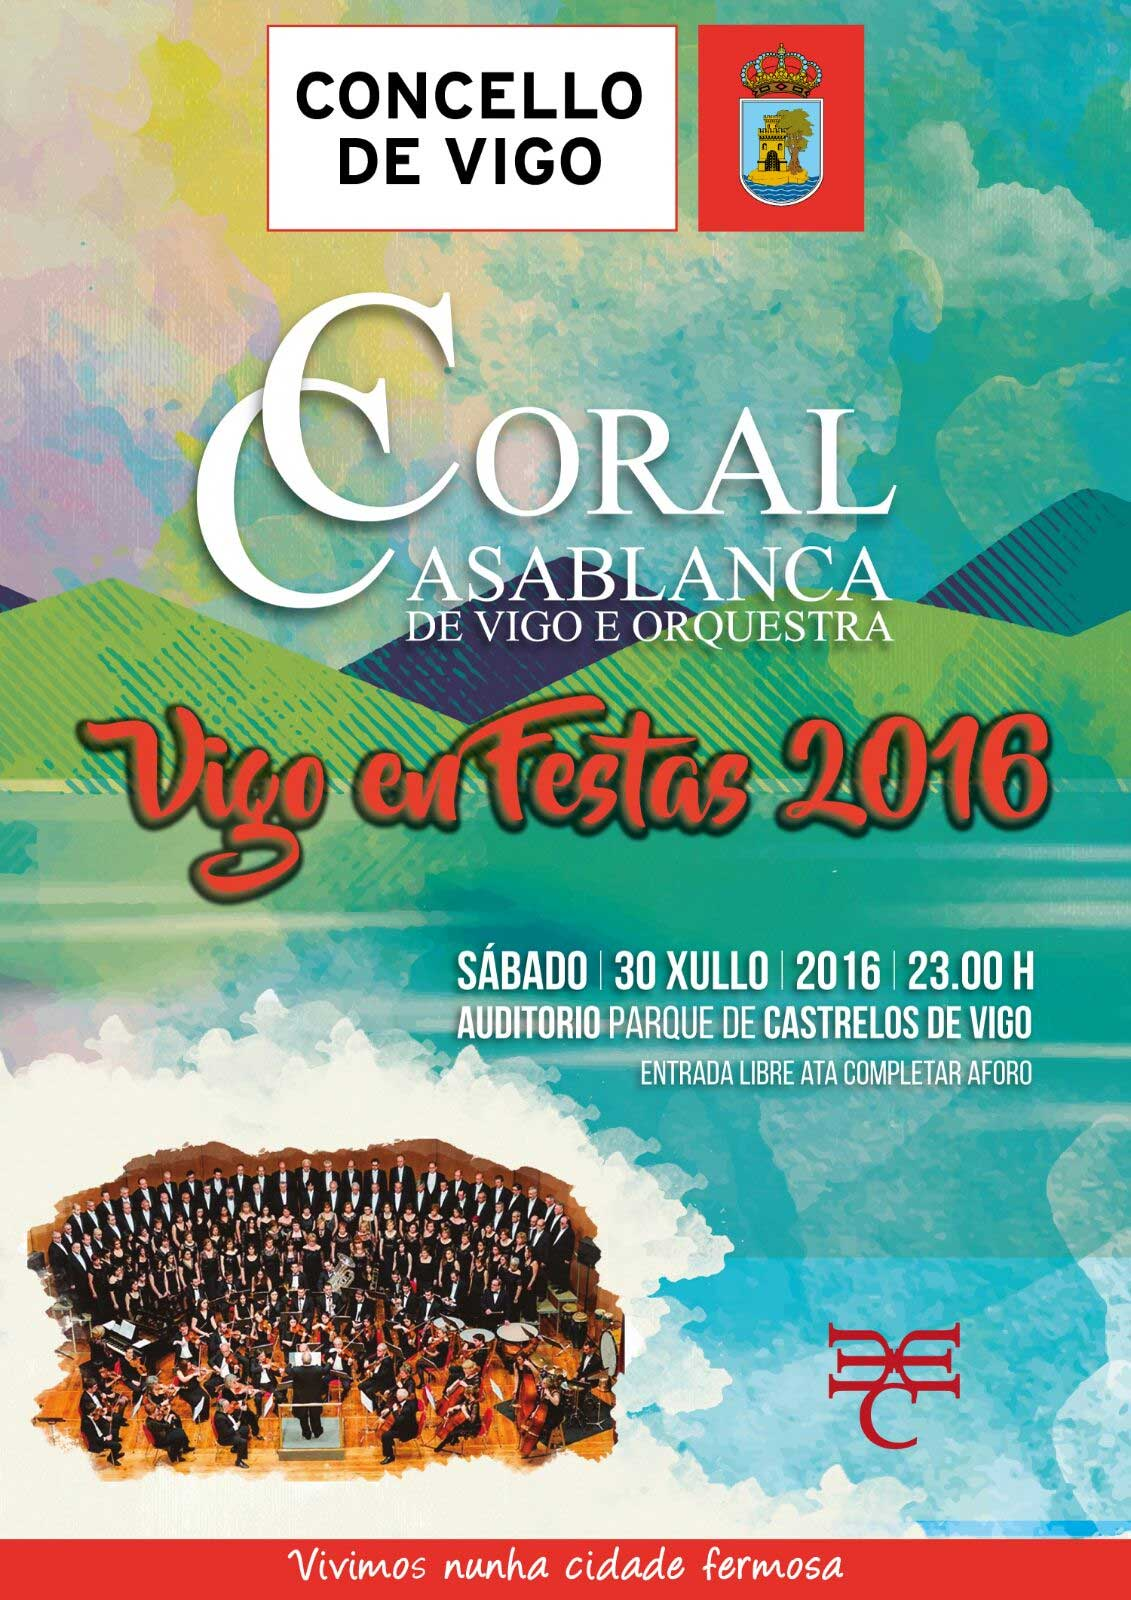 Coral-Casablanca-Vigo-en-Festas-2016